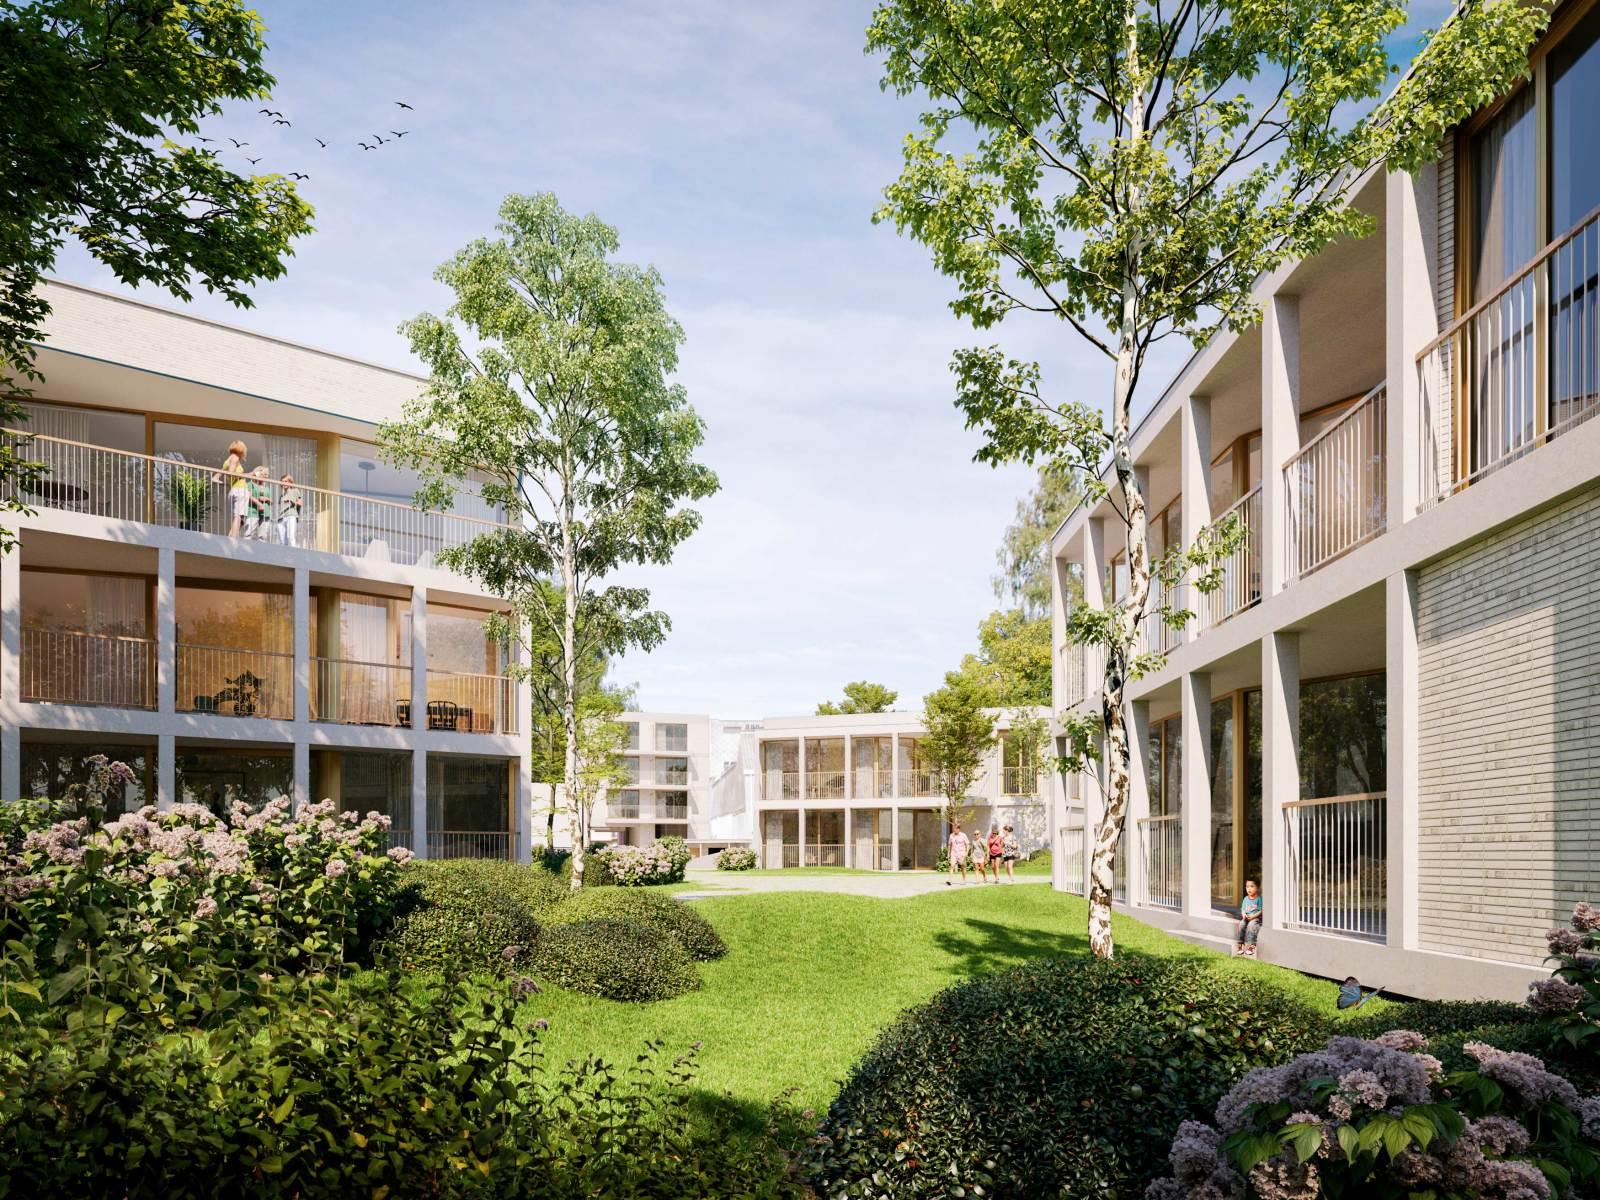 Nieuwbouw appartement op de eerste verdieping in prachtig binnengebied! afbeelding 2